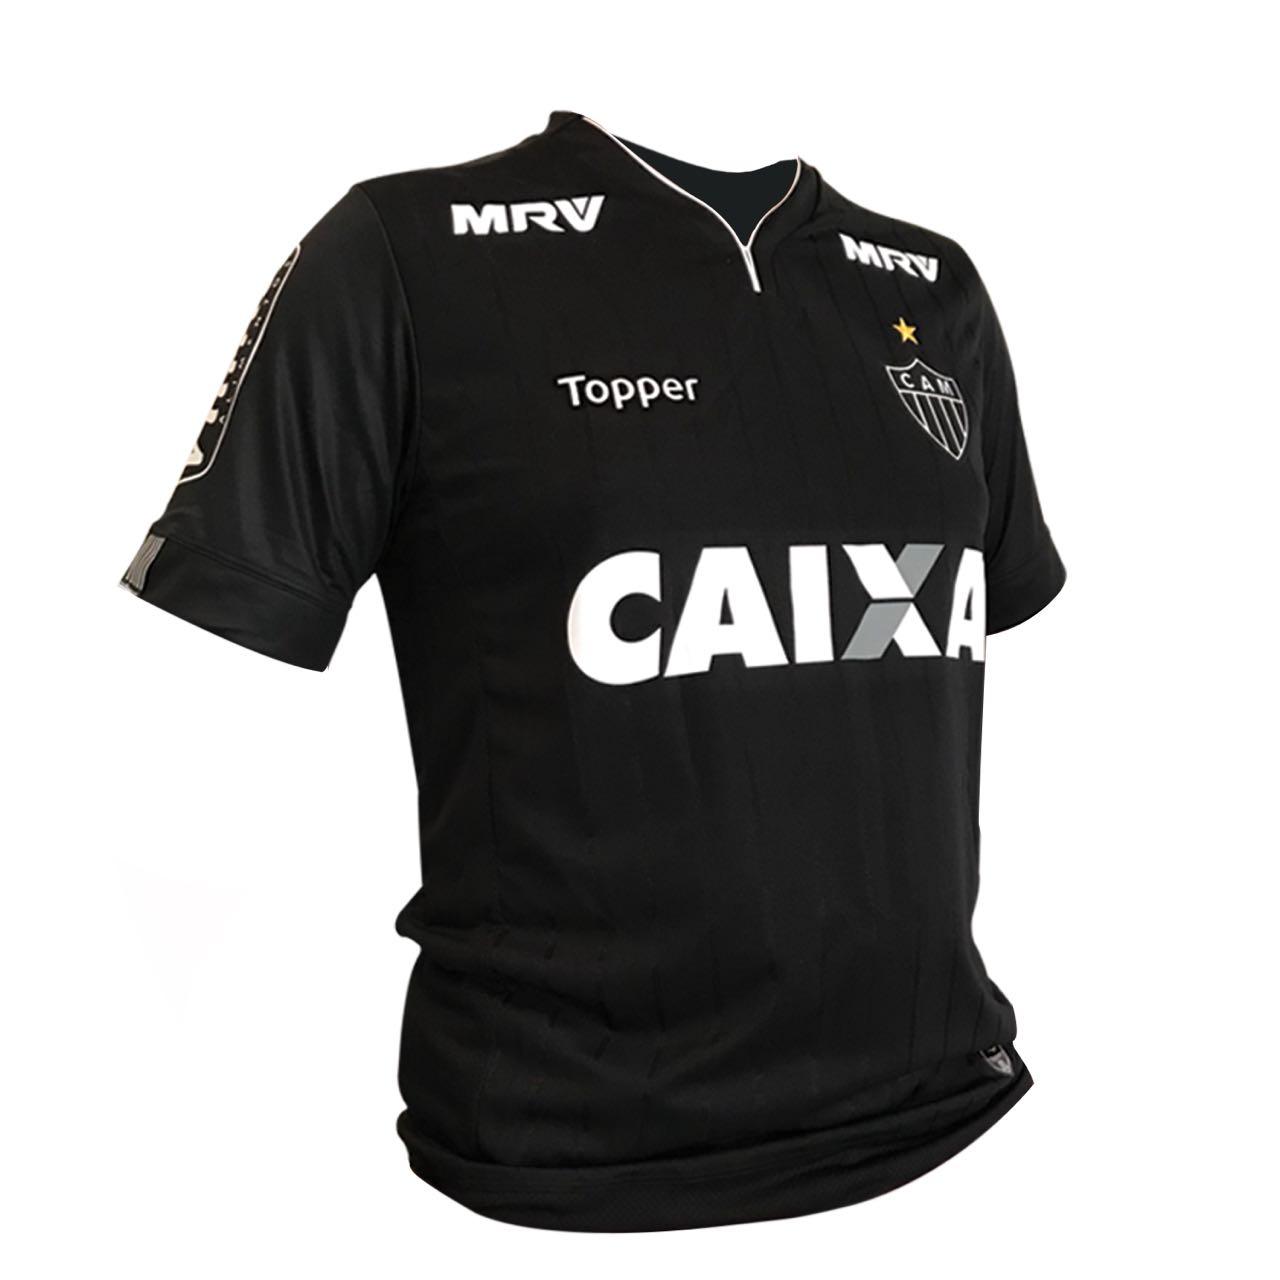 2dceb3c756 Atlético-MG lança terceira camisa toda preta - 20 11 2023 - UOL Esporte